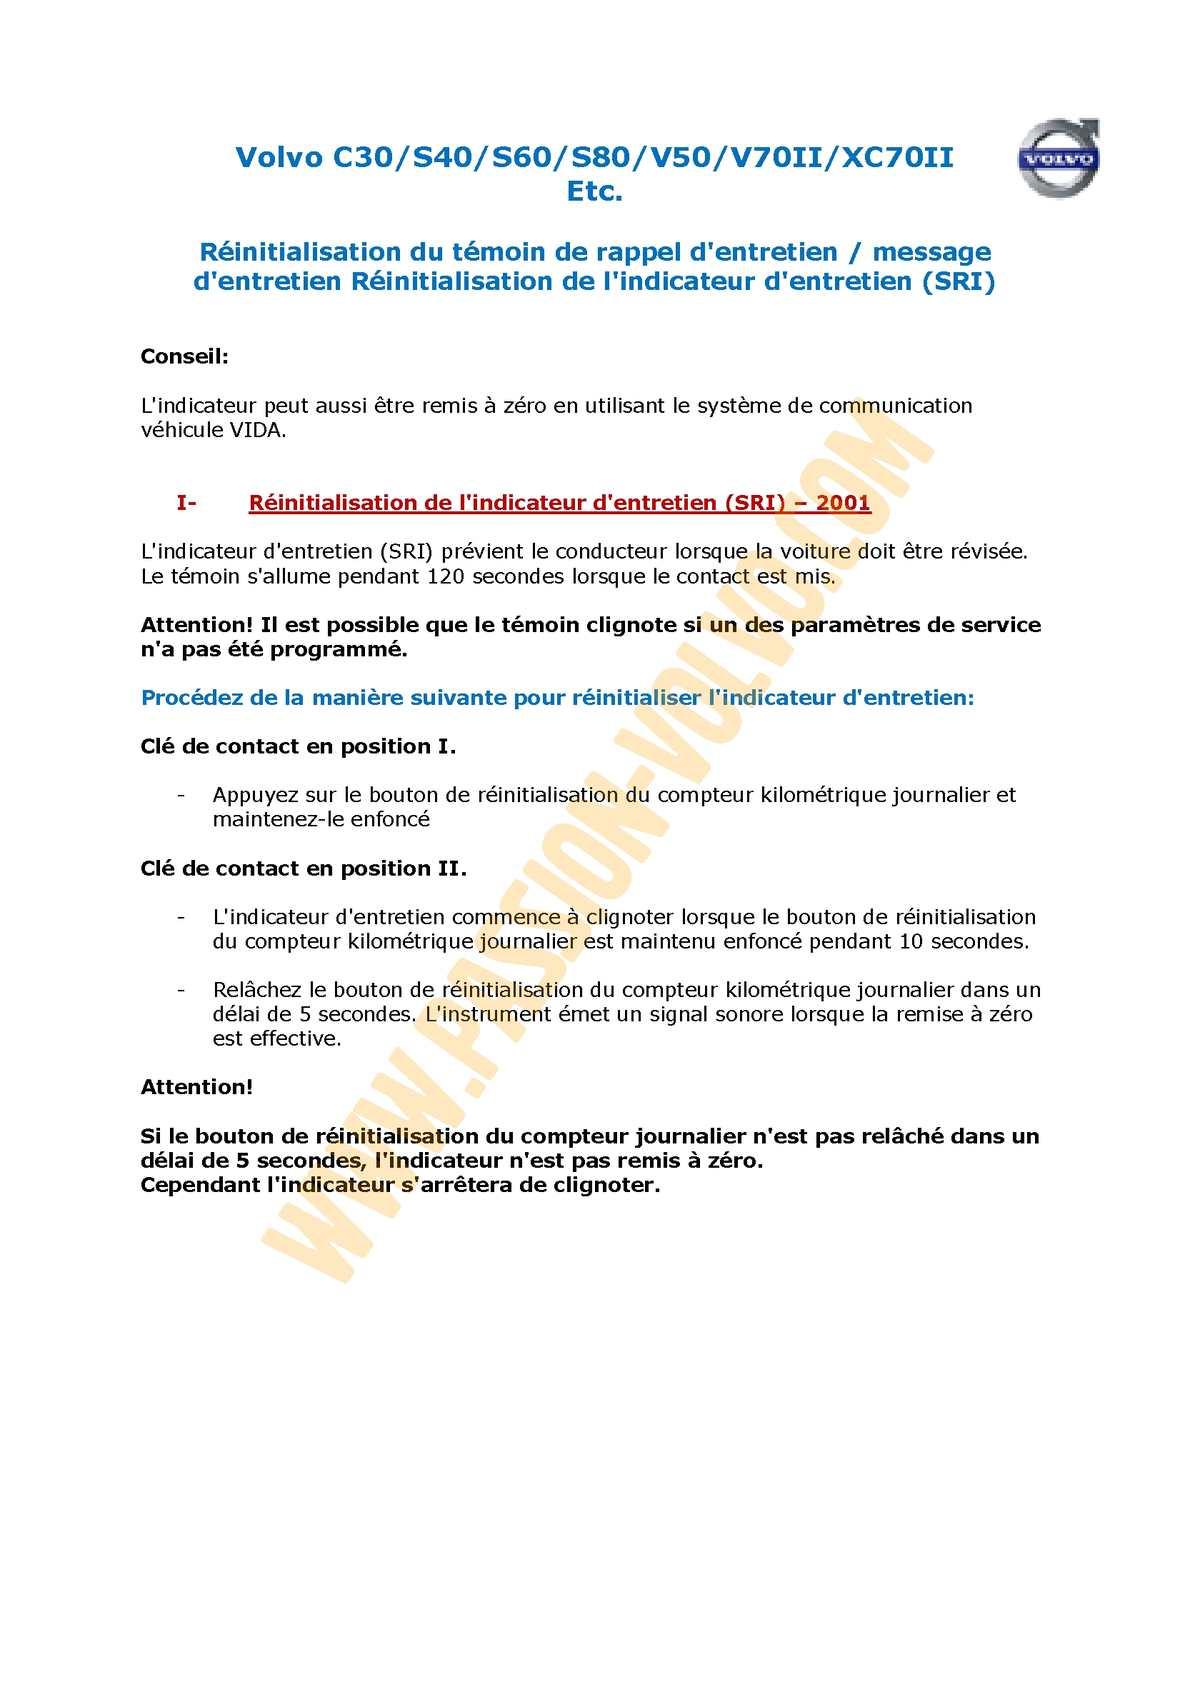 Calaméo - Volvo - Procédure reset voyant entretien (SRI) - à partir de 2001